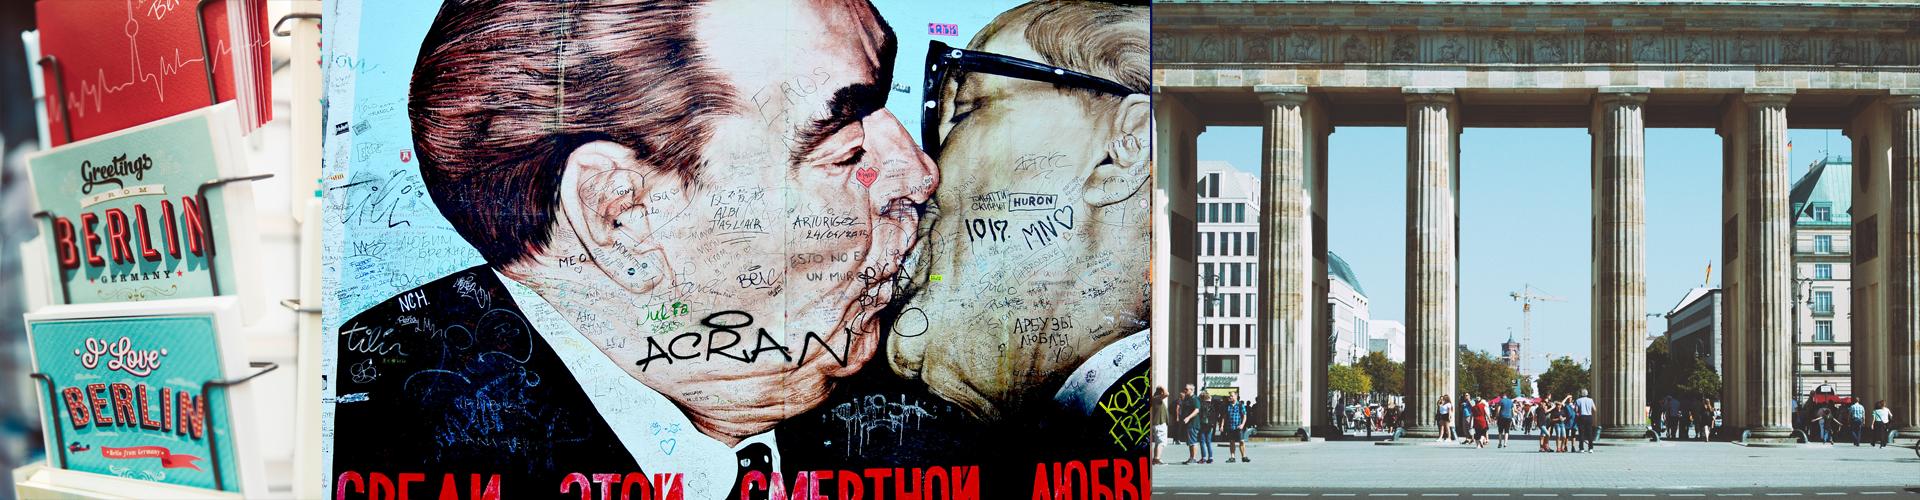 Cityguide_Berlin_02